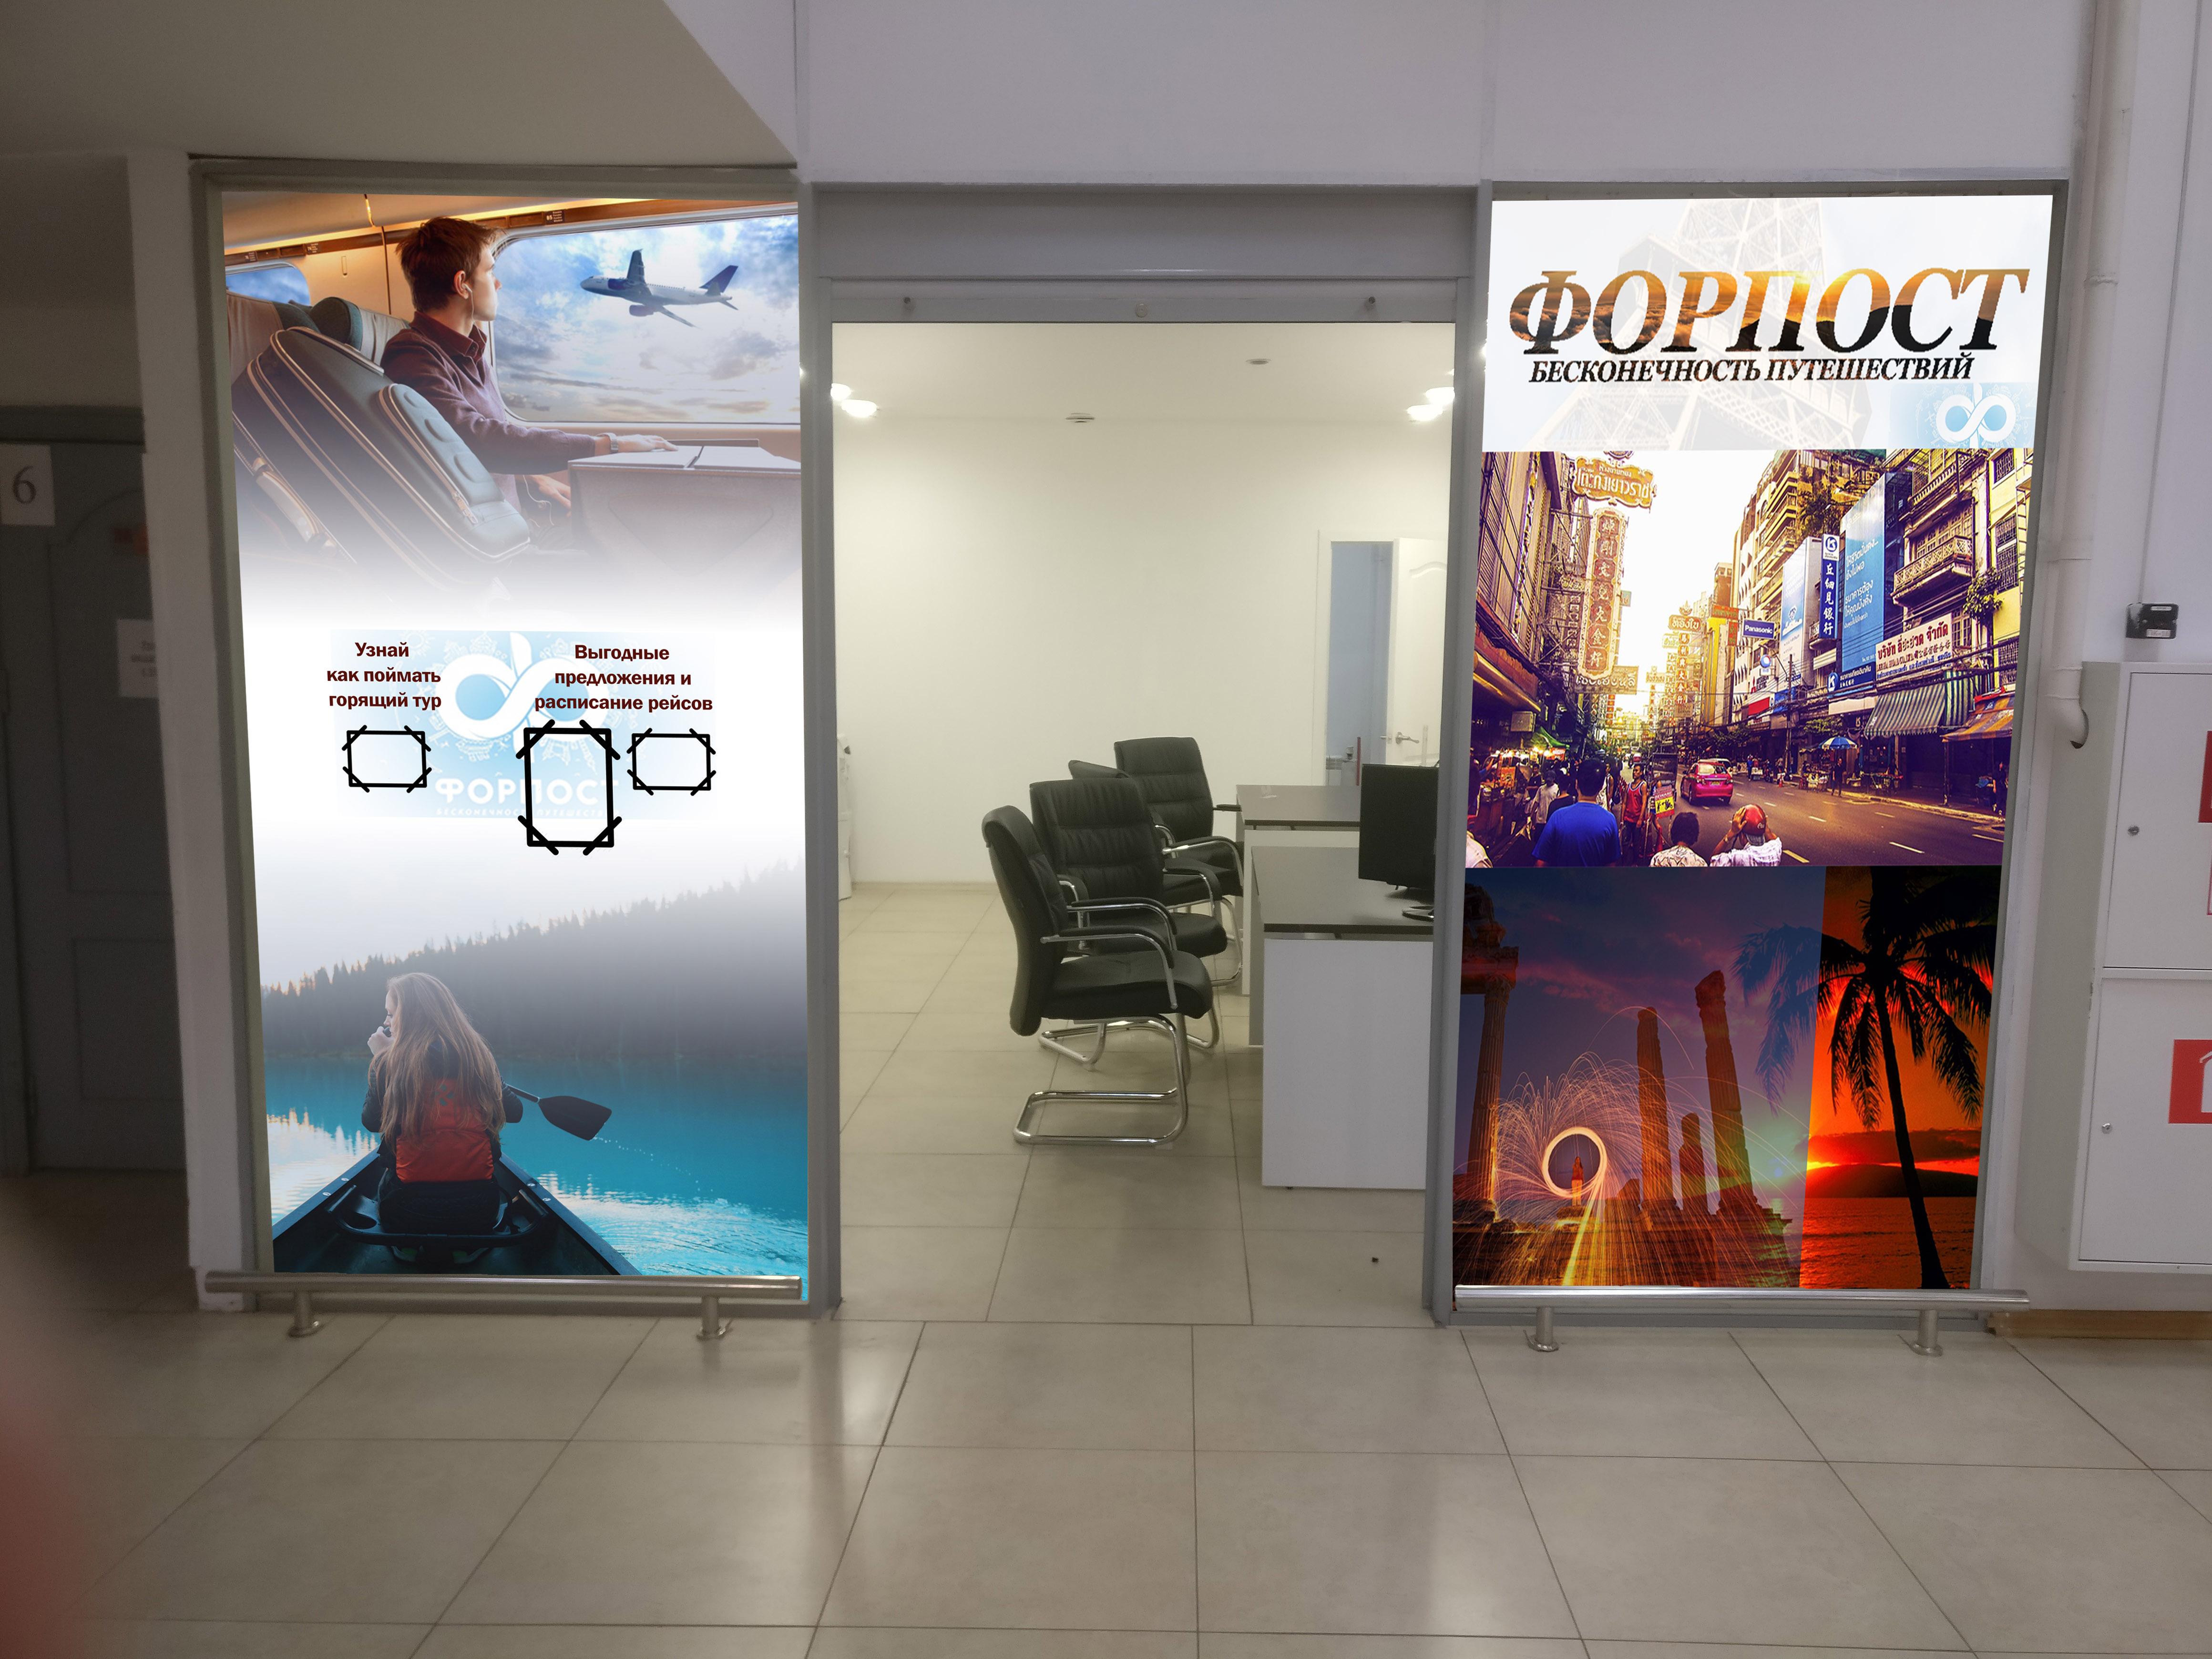 Дизайн двух плакатов фото f_1515a0ded1687d8e.jpg